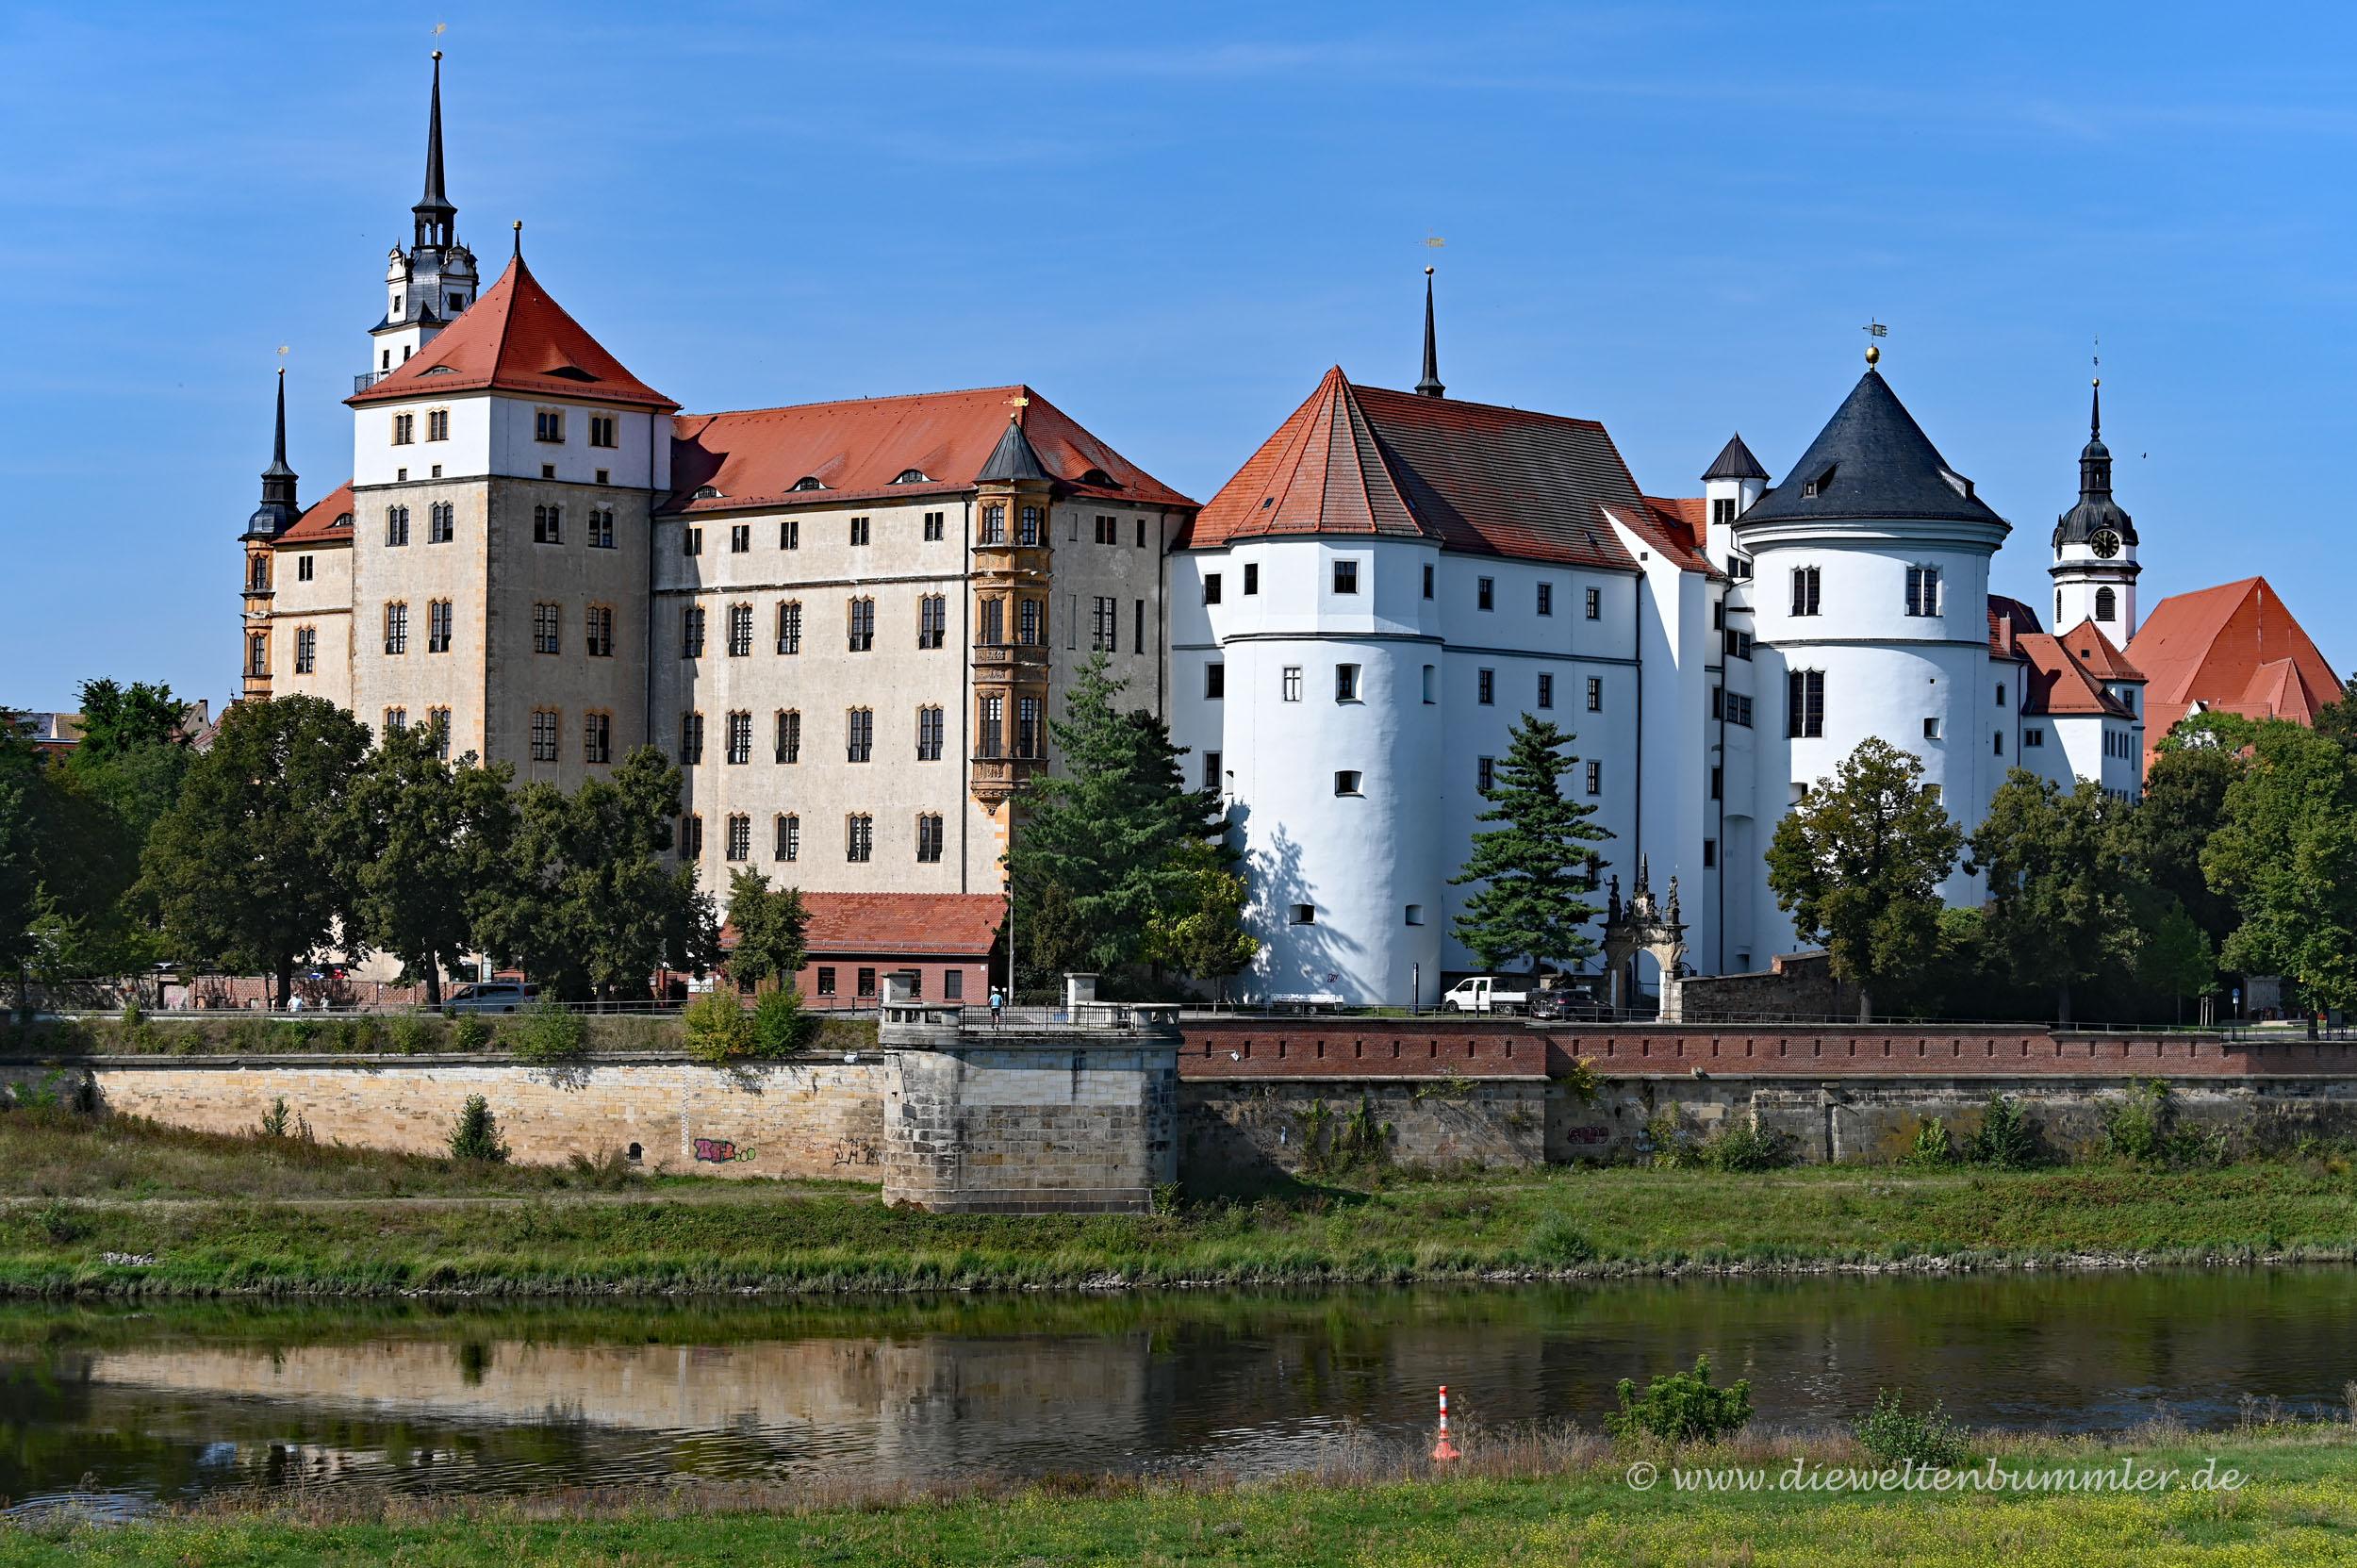 Schloss in Torgau